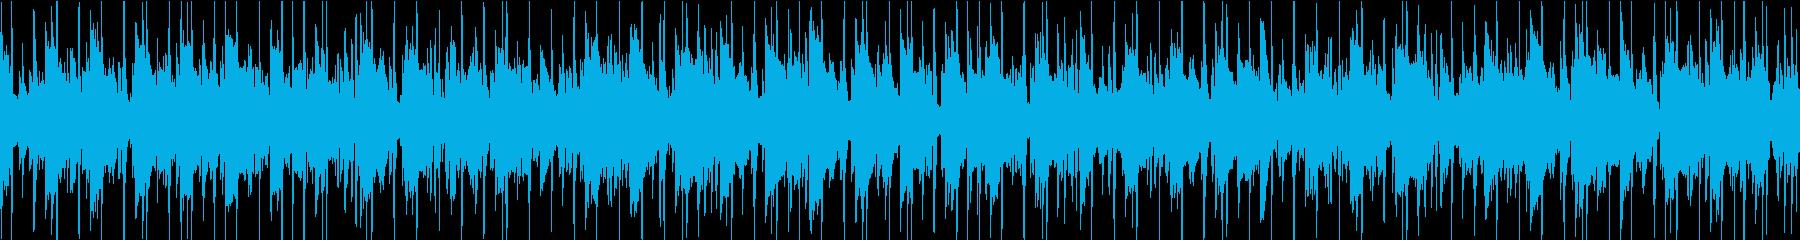 スロージャズギターの再生済みの波形